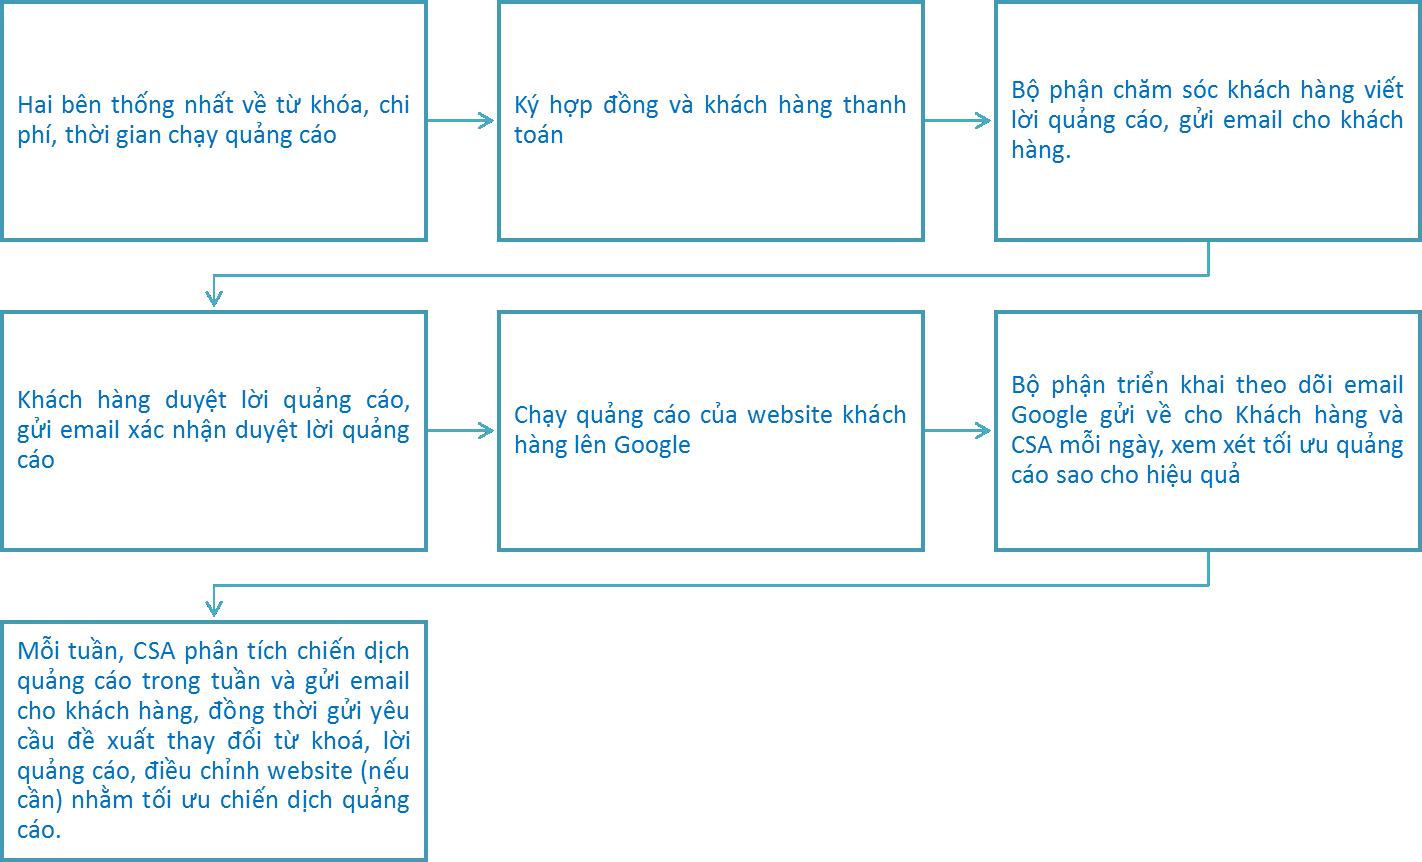 Mẫu kế hoạch chuẩn để chạy quảng cáo Google ads 5